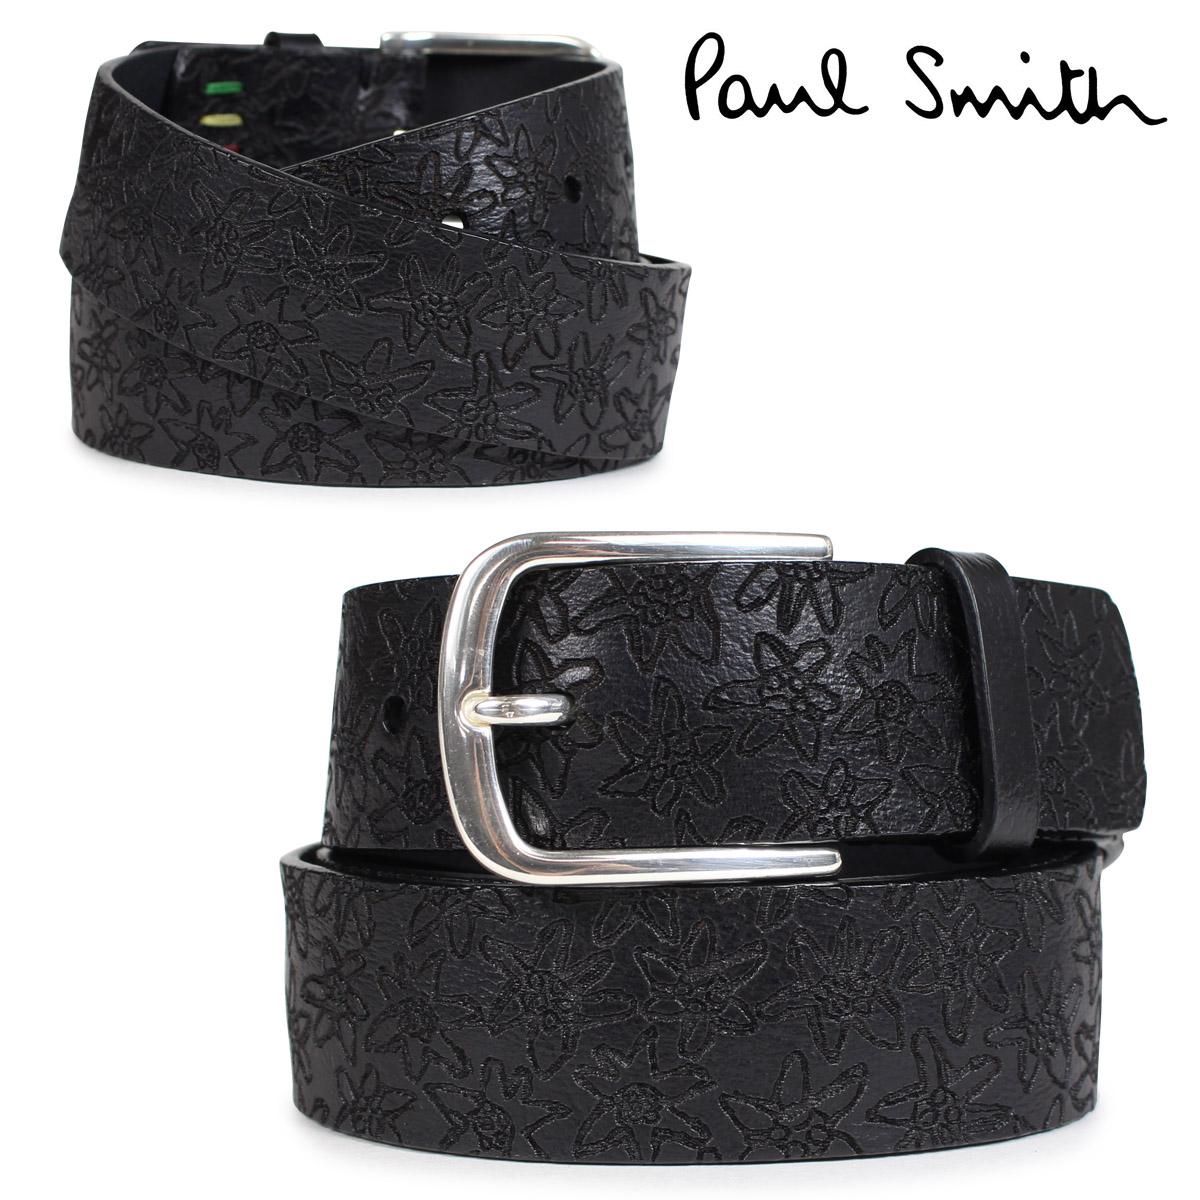 Paul Smith ベルト メンズ 本革 ポールスミス レザーベルト ブラック M2A 5536 ALASER